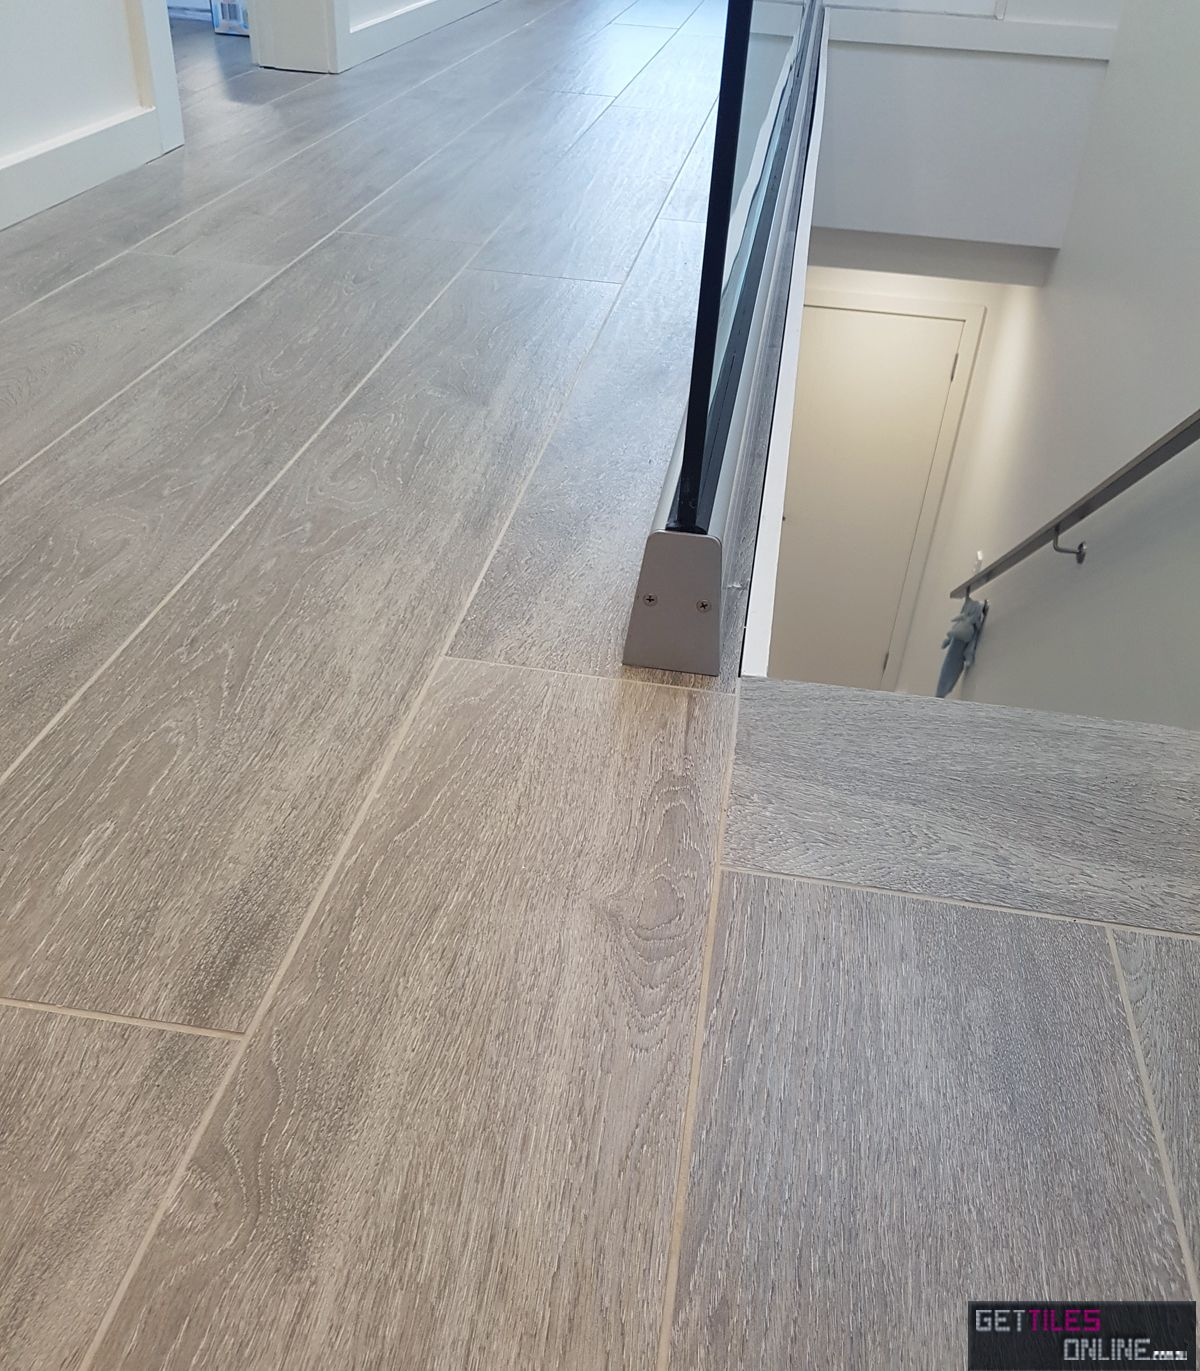 Timber Oak Grigio 200x1200 (Code : 01141) - Get Tiles Online ...